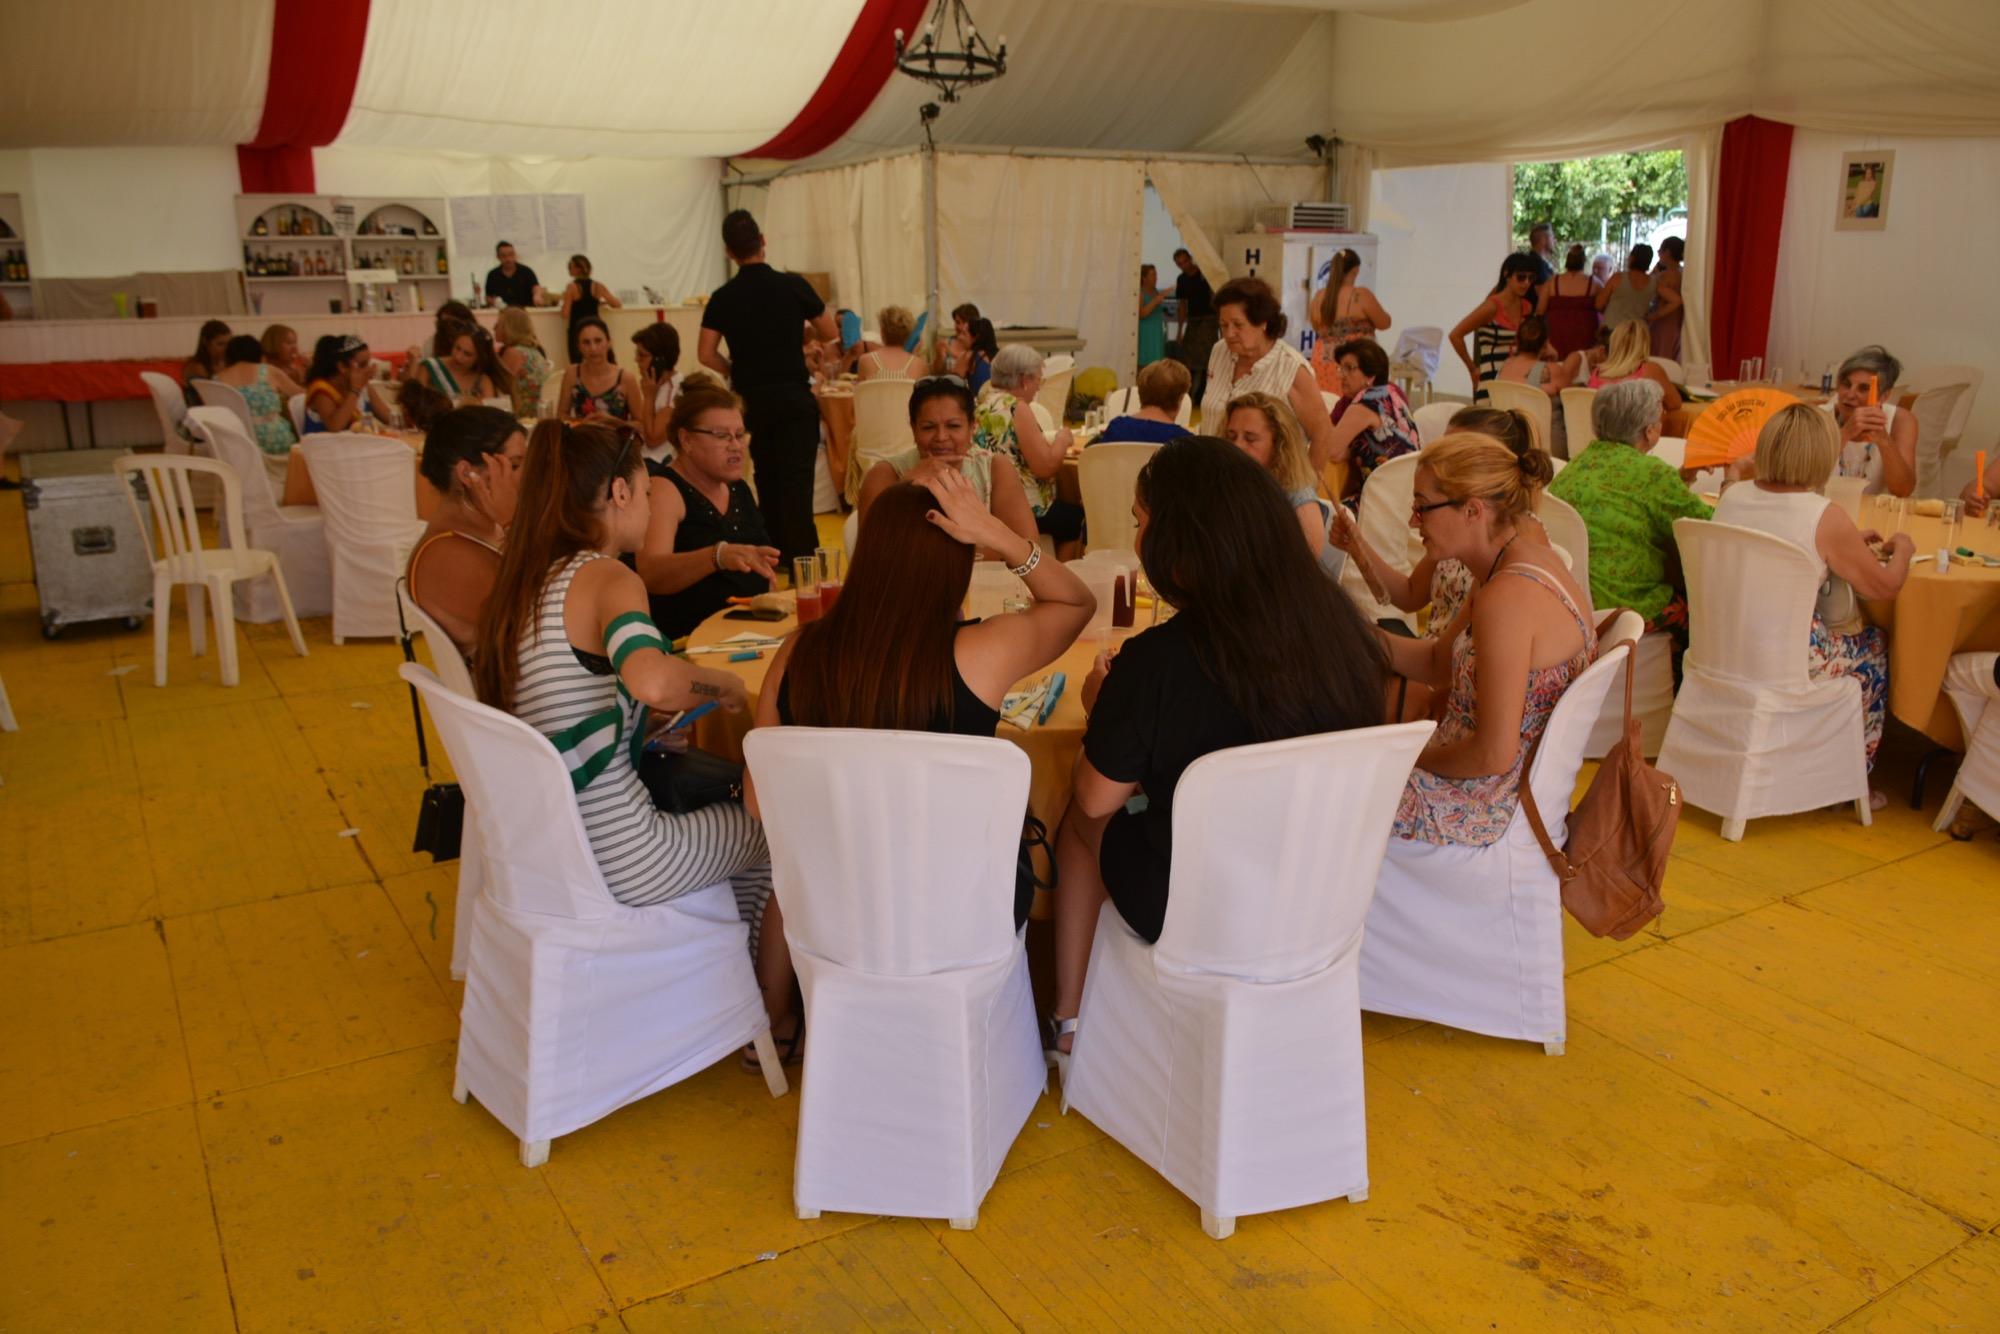 Al Entregar Una Pizza Sale Una Chica Desnuda blog posts - solo para adultos en la rioja